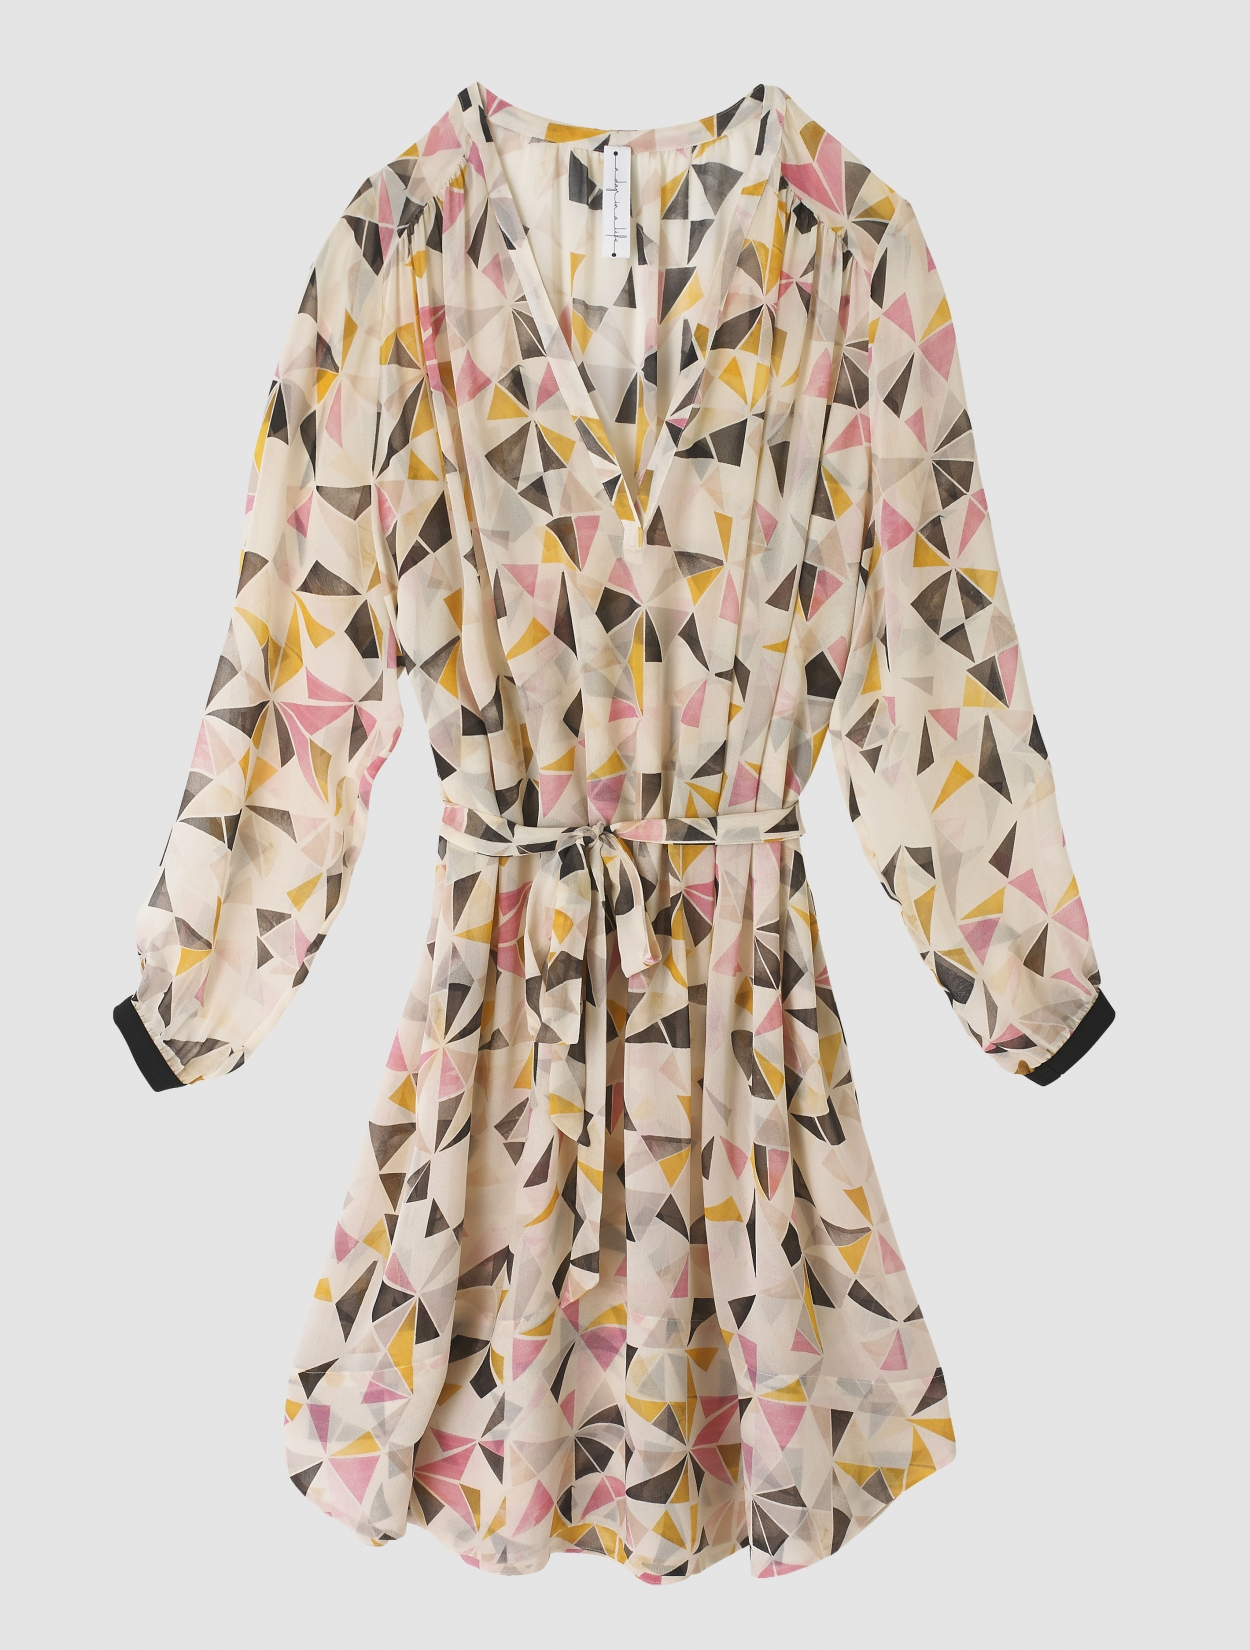 portobello_shirt_dress2_GREY_1250_1650_s_c1.jpg